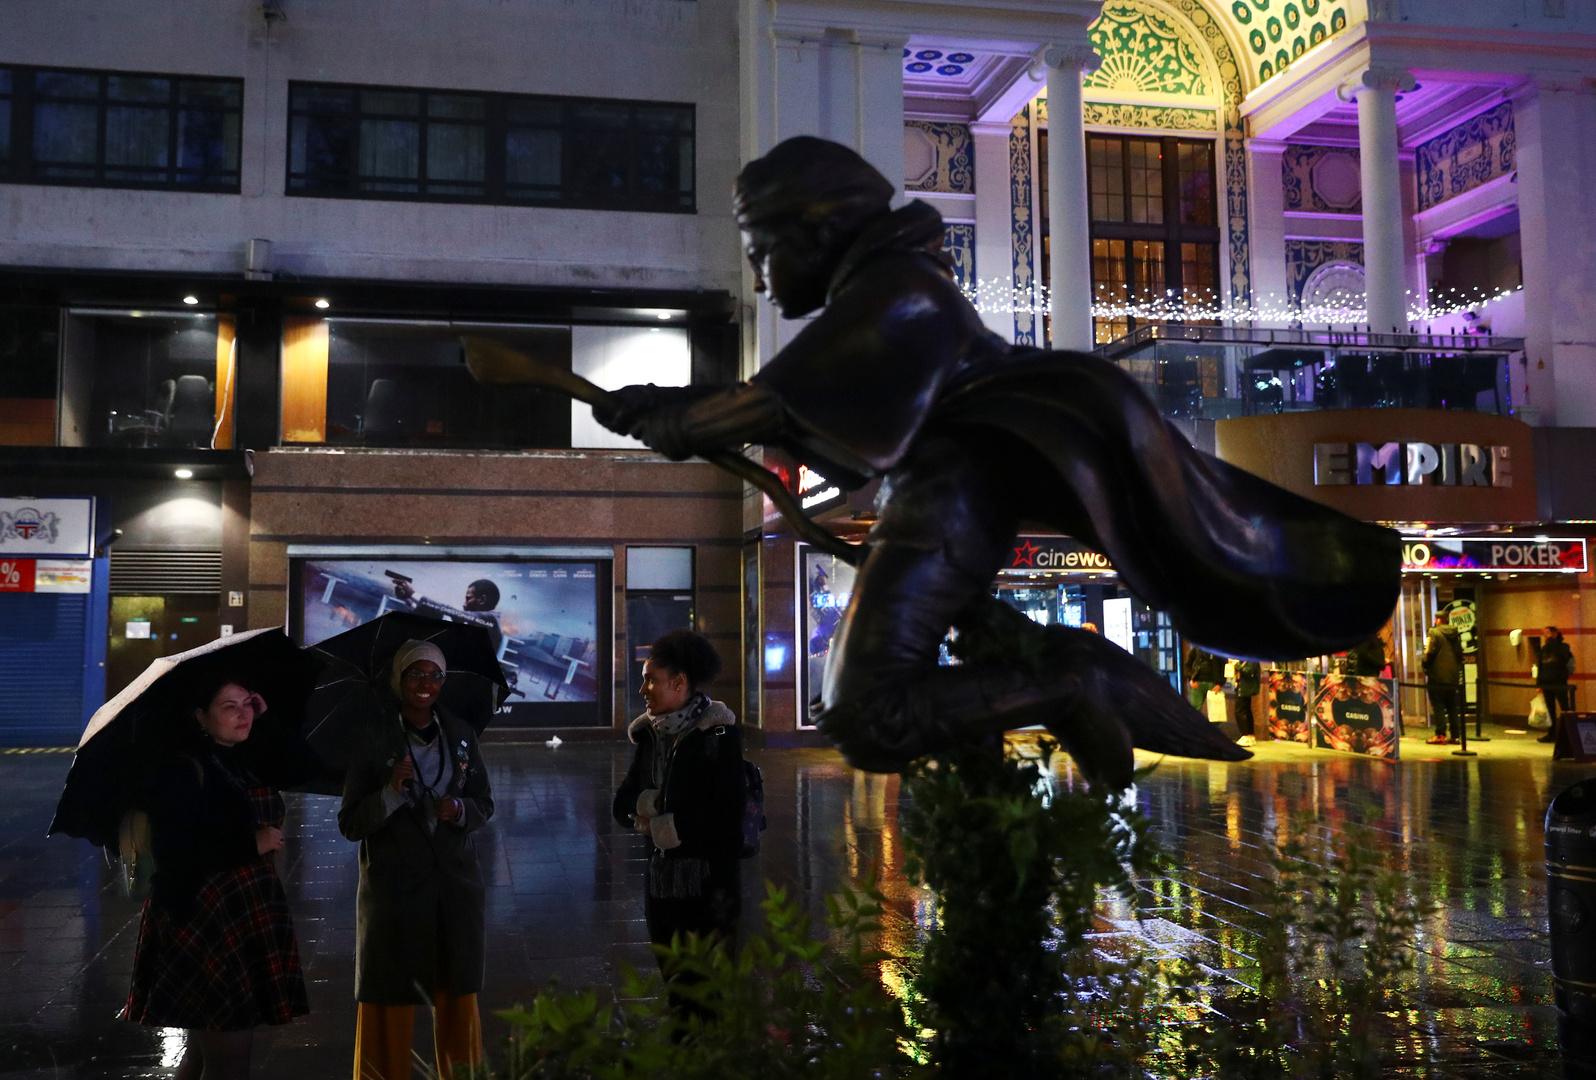 ينظر الناس إلى تمثال لهاري بوتر بعد أن تم كشف النقاب عنه في ساحة ليستر في لندن